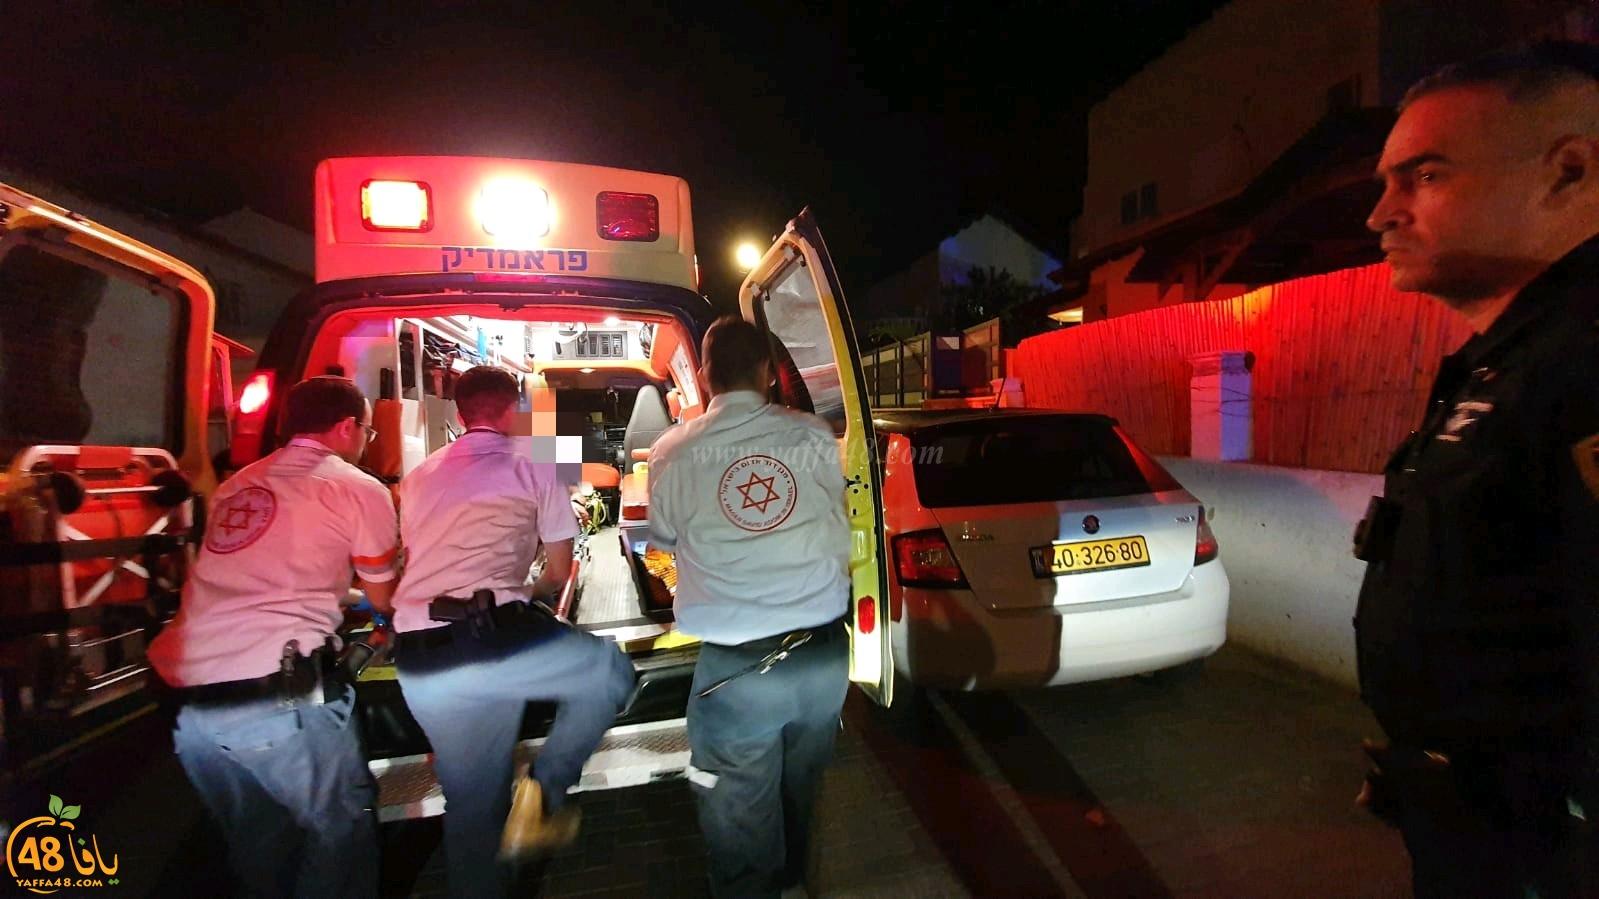 اللد: إصابة متوسطة لرجل 68 عاماً اثر تعرضه لاطلاق نار